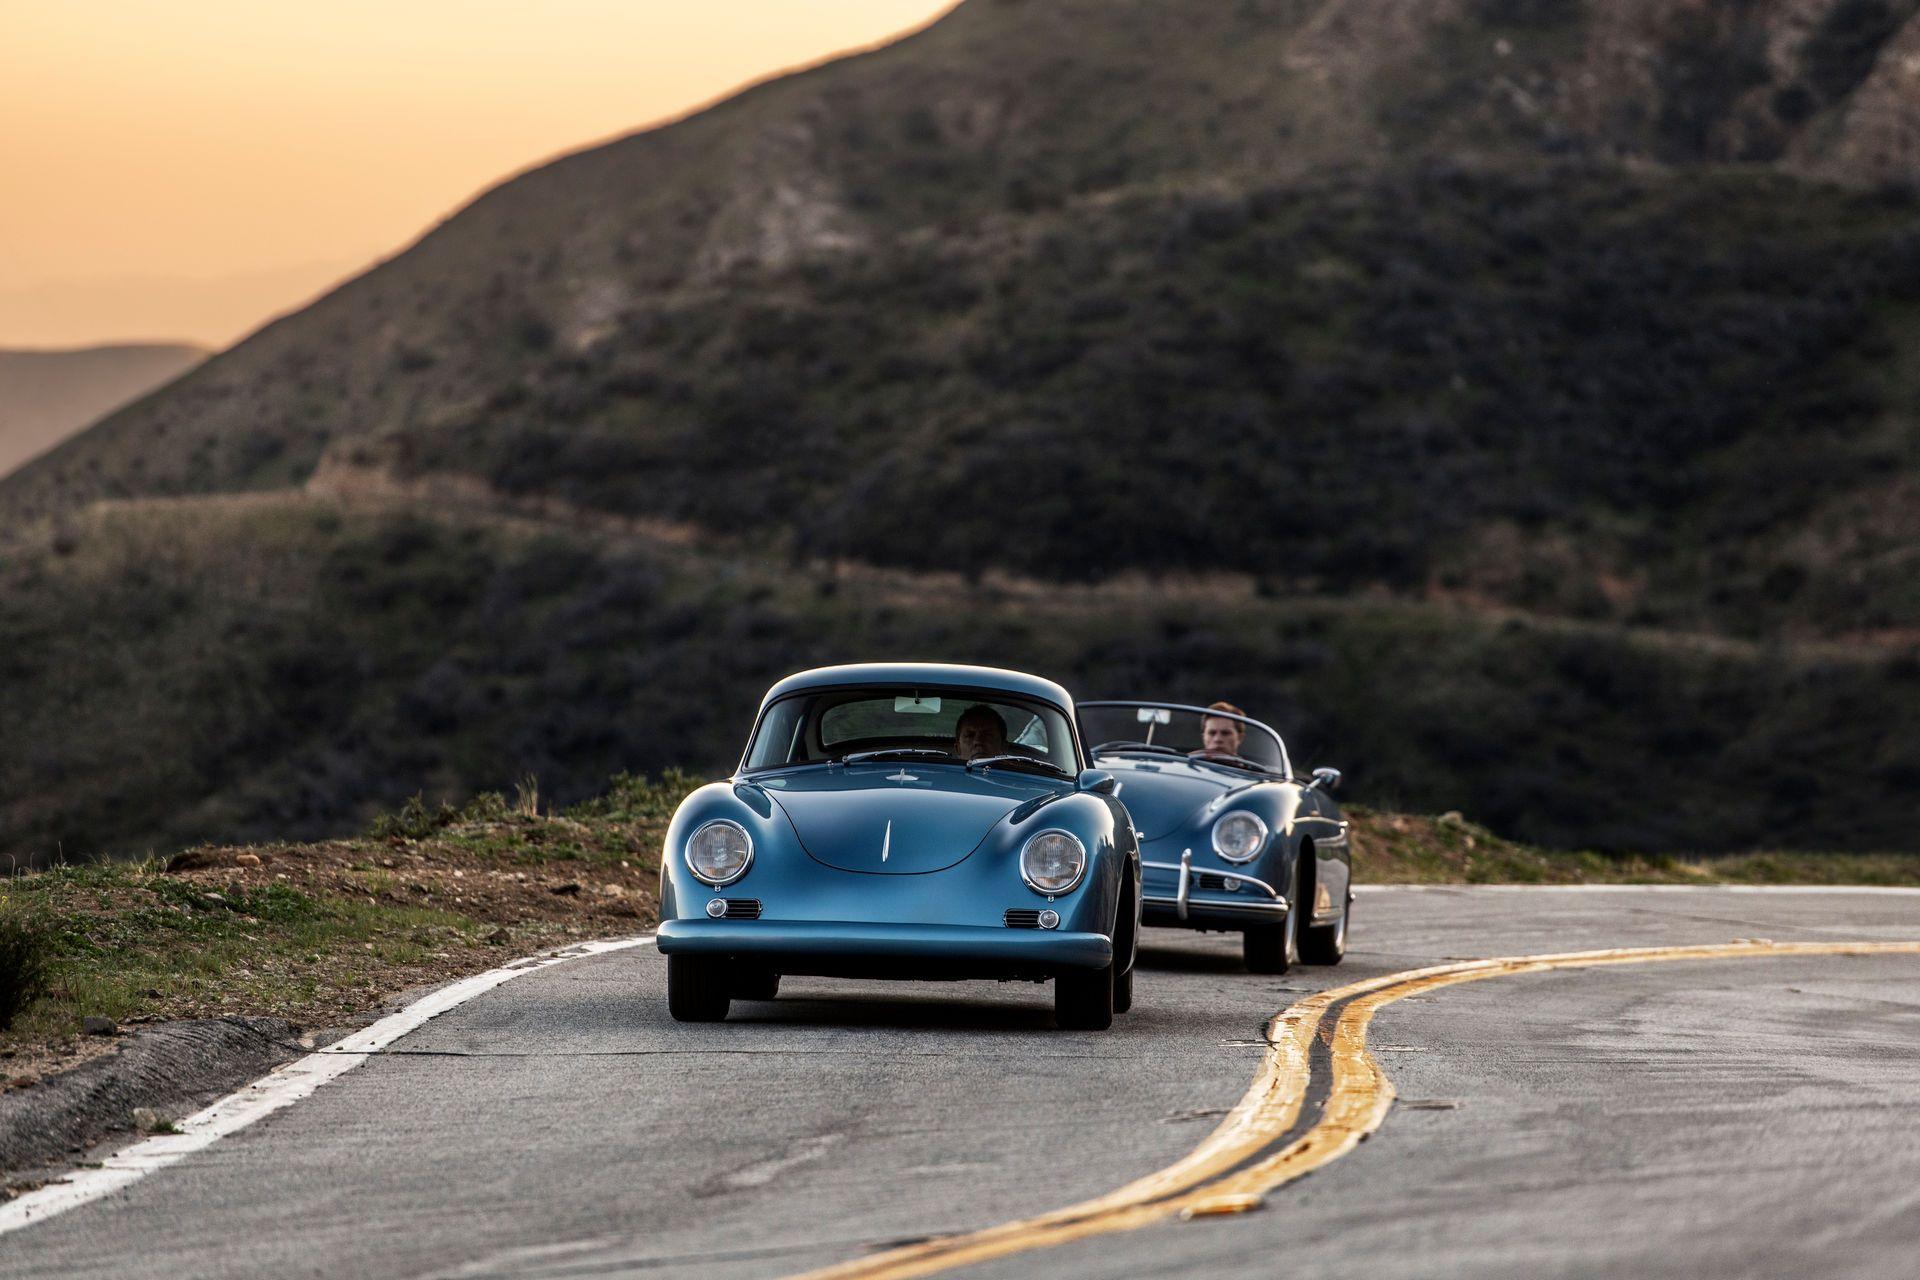 Porsche-356-A-Coupe-Restomod-Emory-Motorsports-20